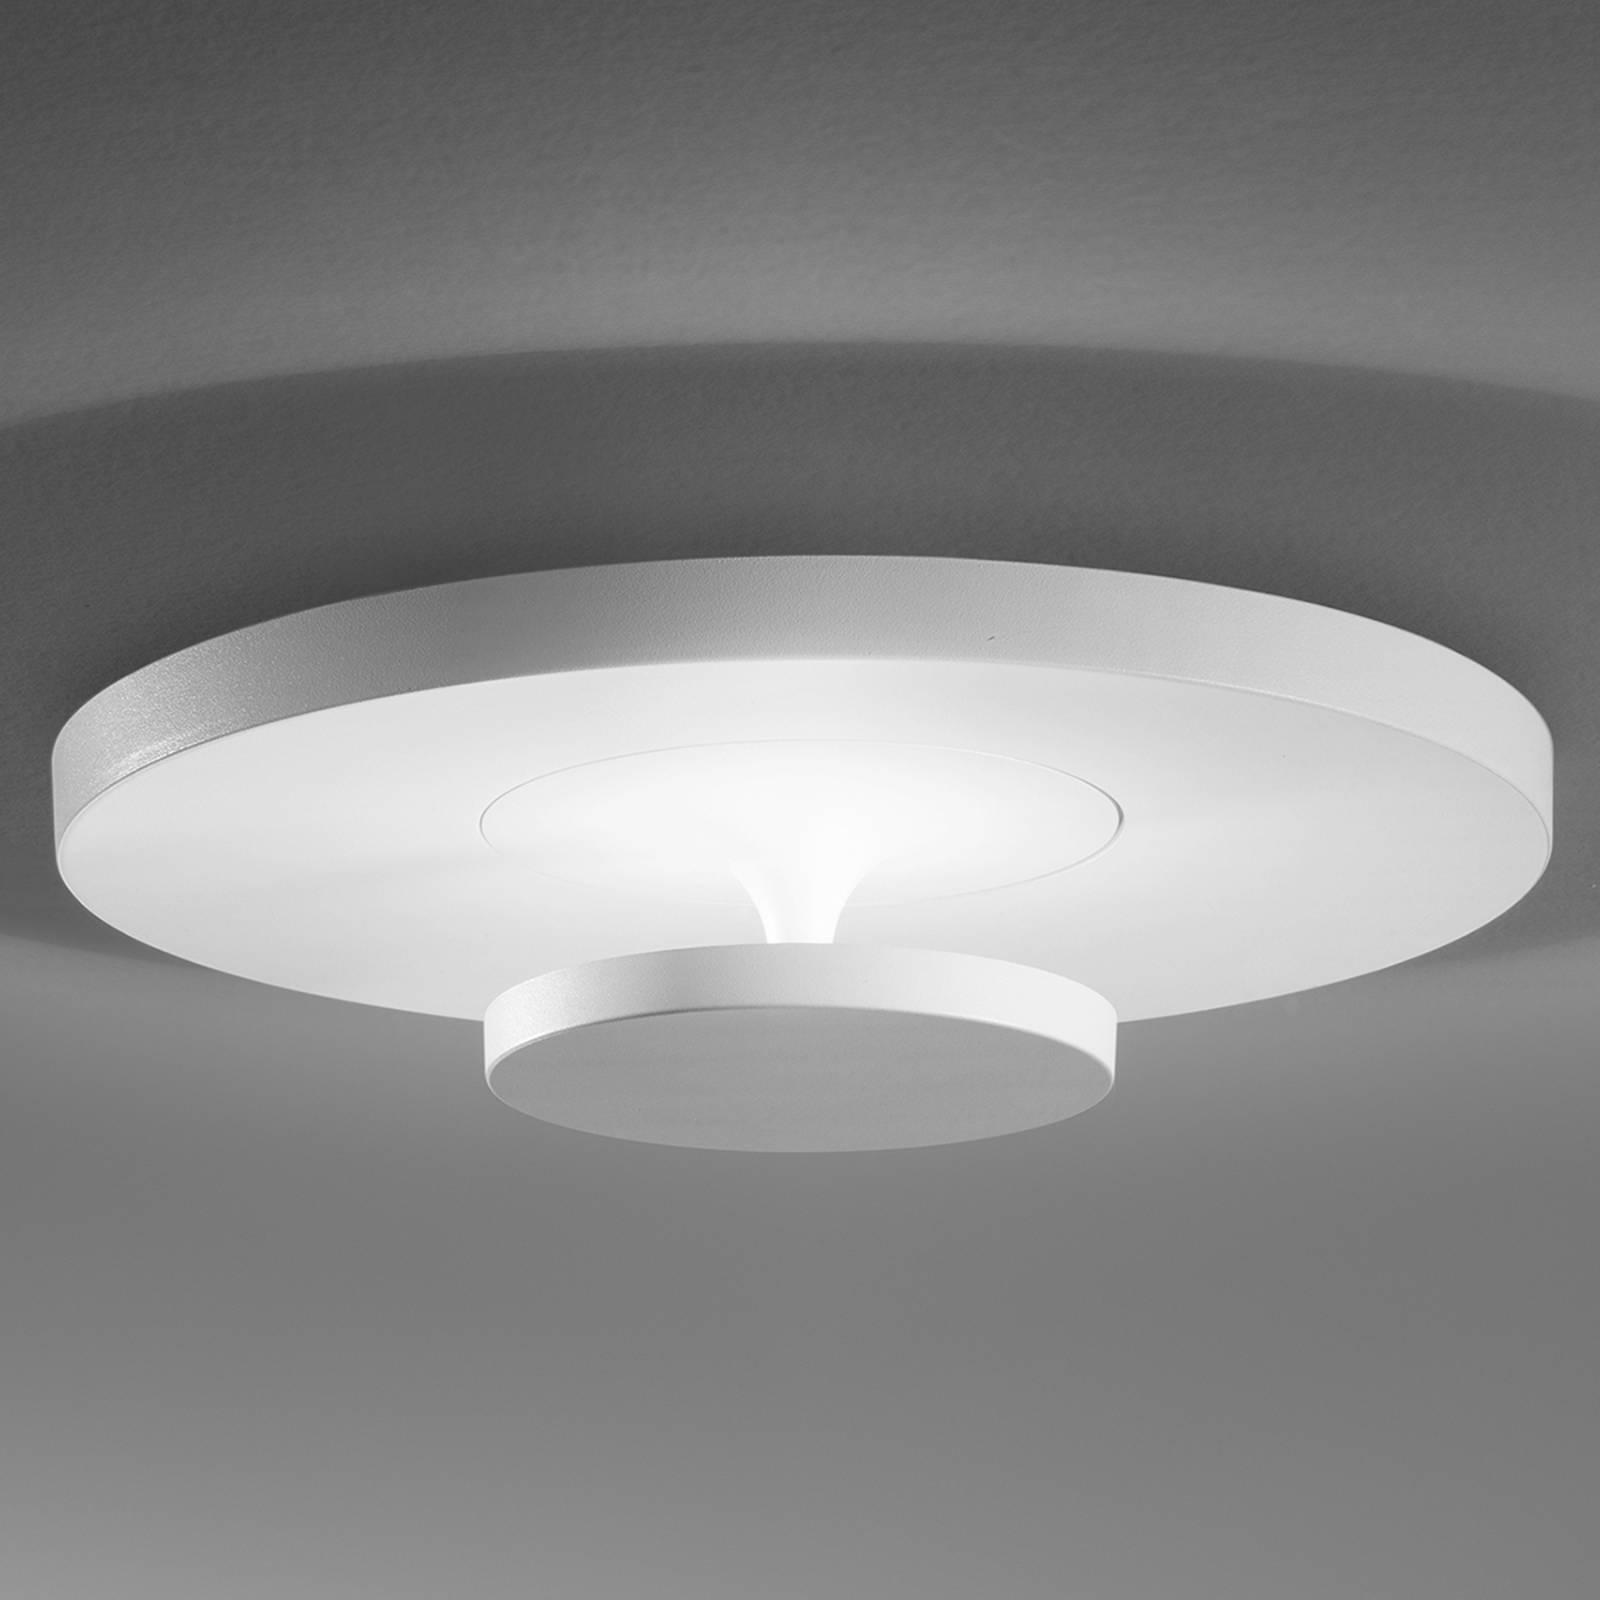 Epäsuorasti valaiseva LED-kattovalaisin Sunny